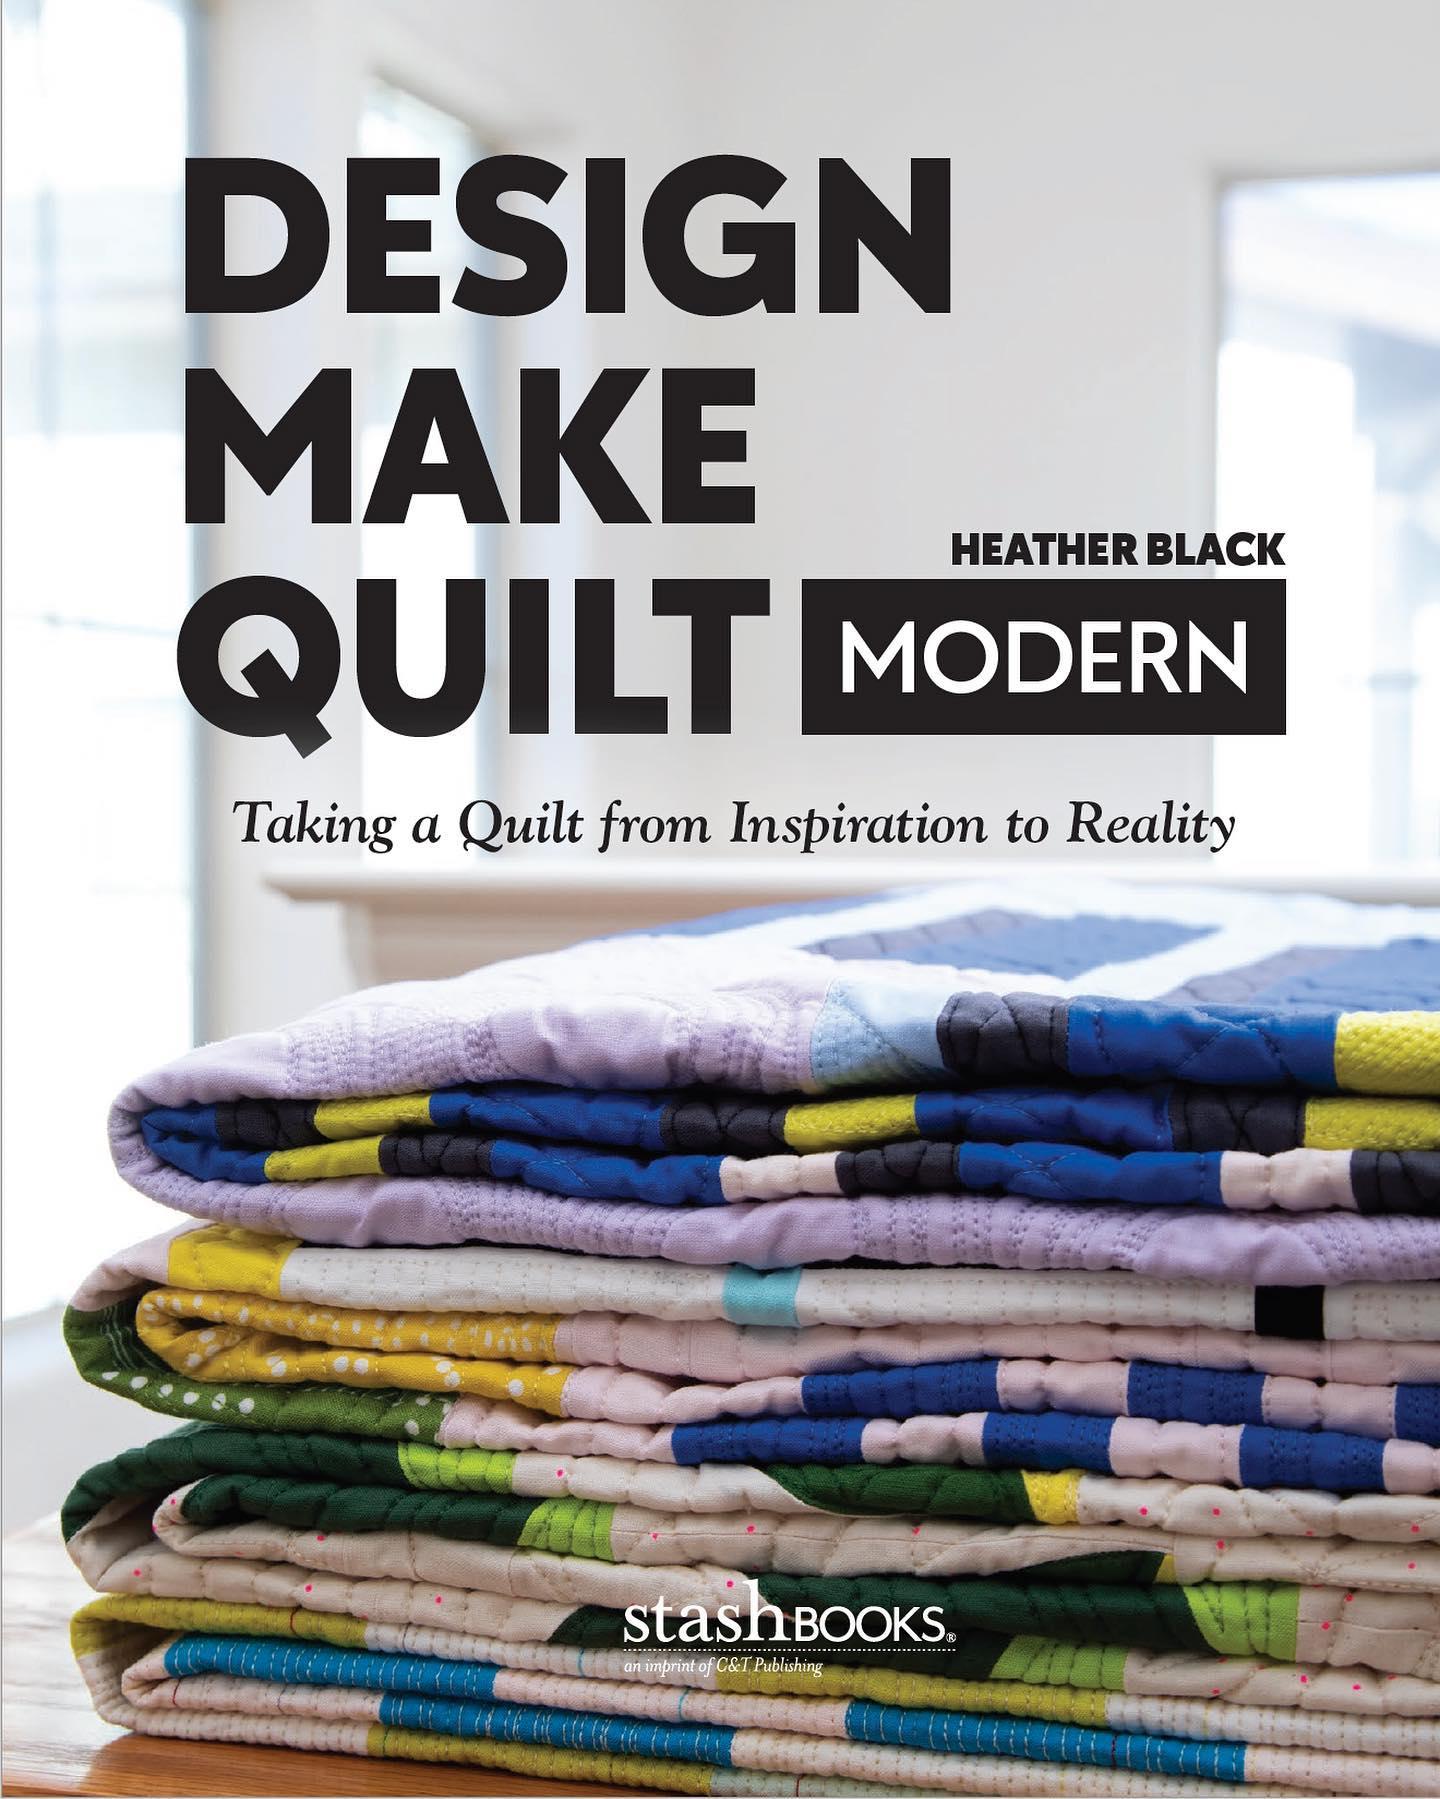 Design Make Quilt Modern by Heather Black